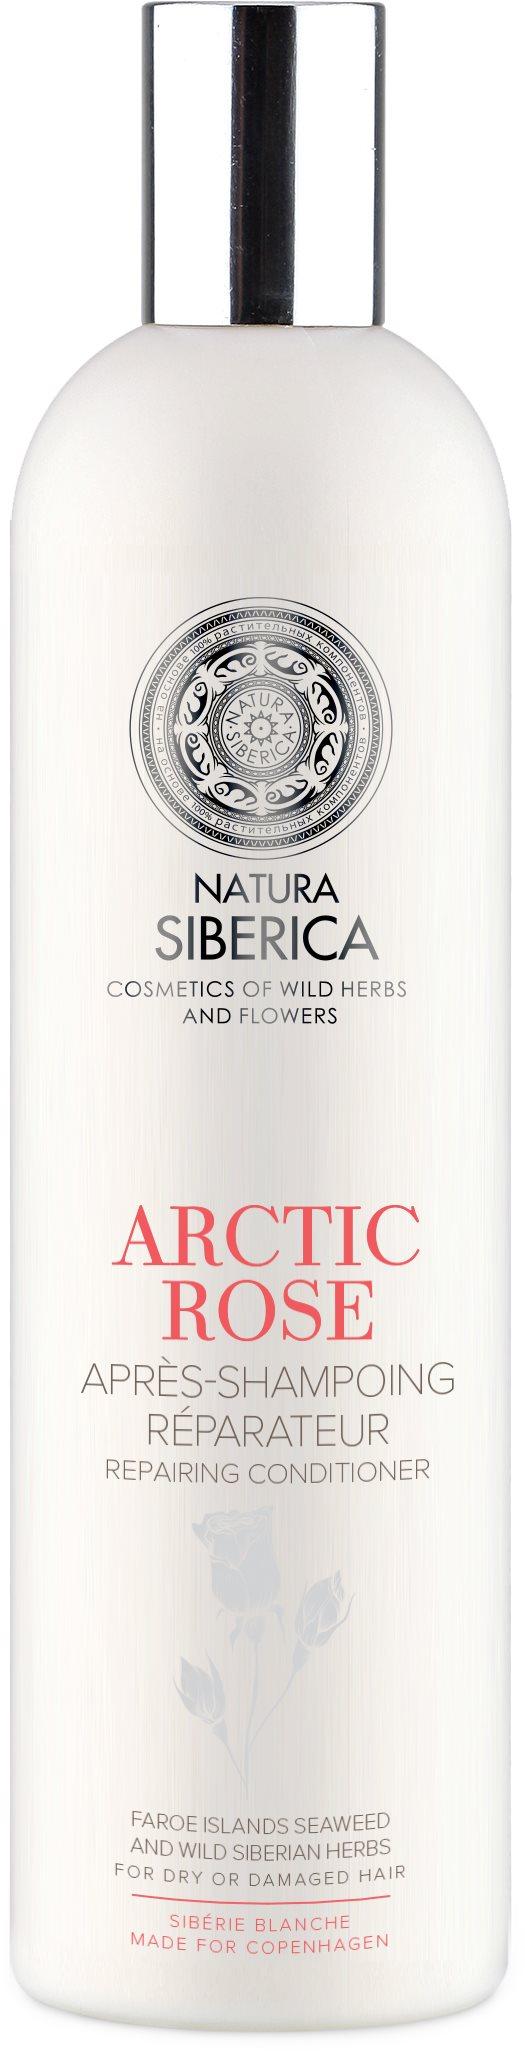 NATURA SIBERICA Arctic Rose Repair Conditioner 400 ml